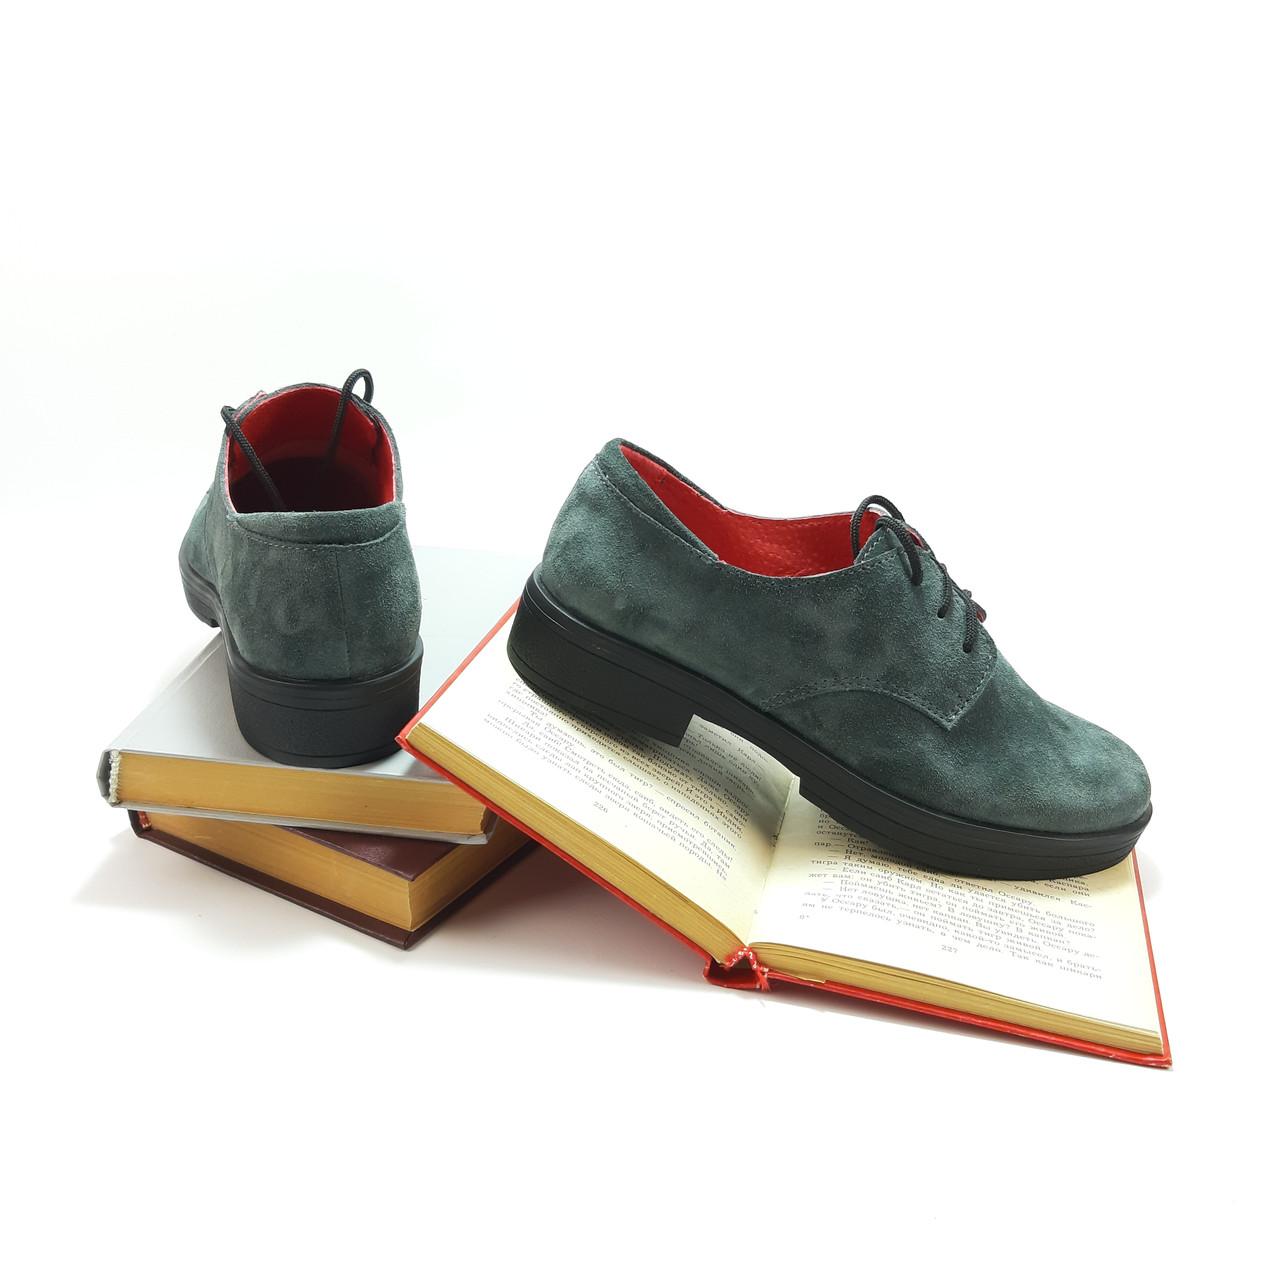 Туфлі жіночі на низькому ходу зручні, з натуральної замші сірого кольору.